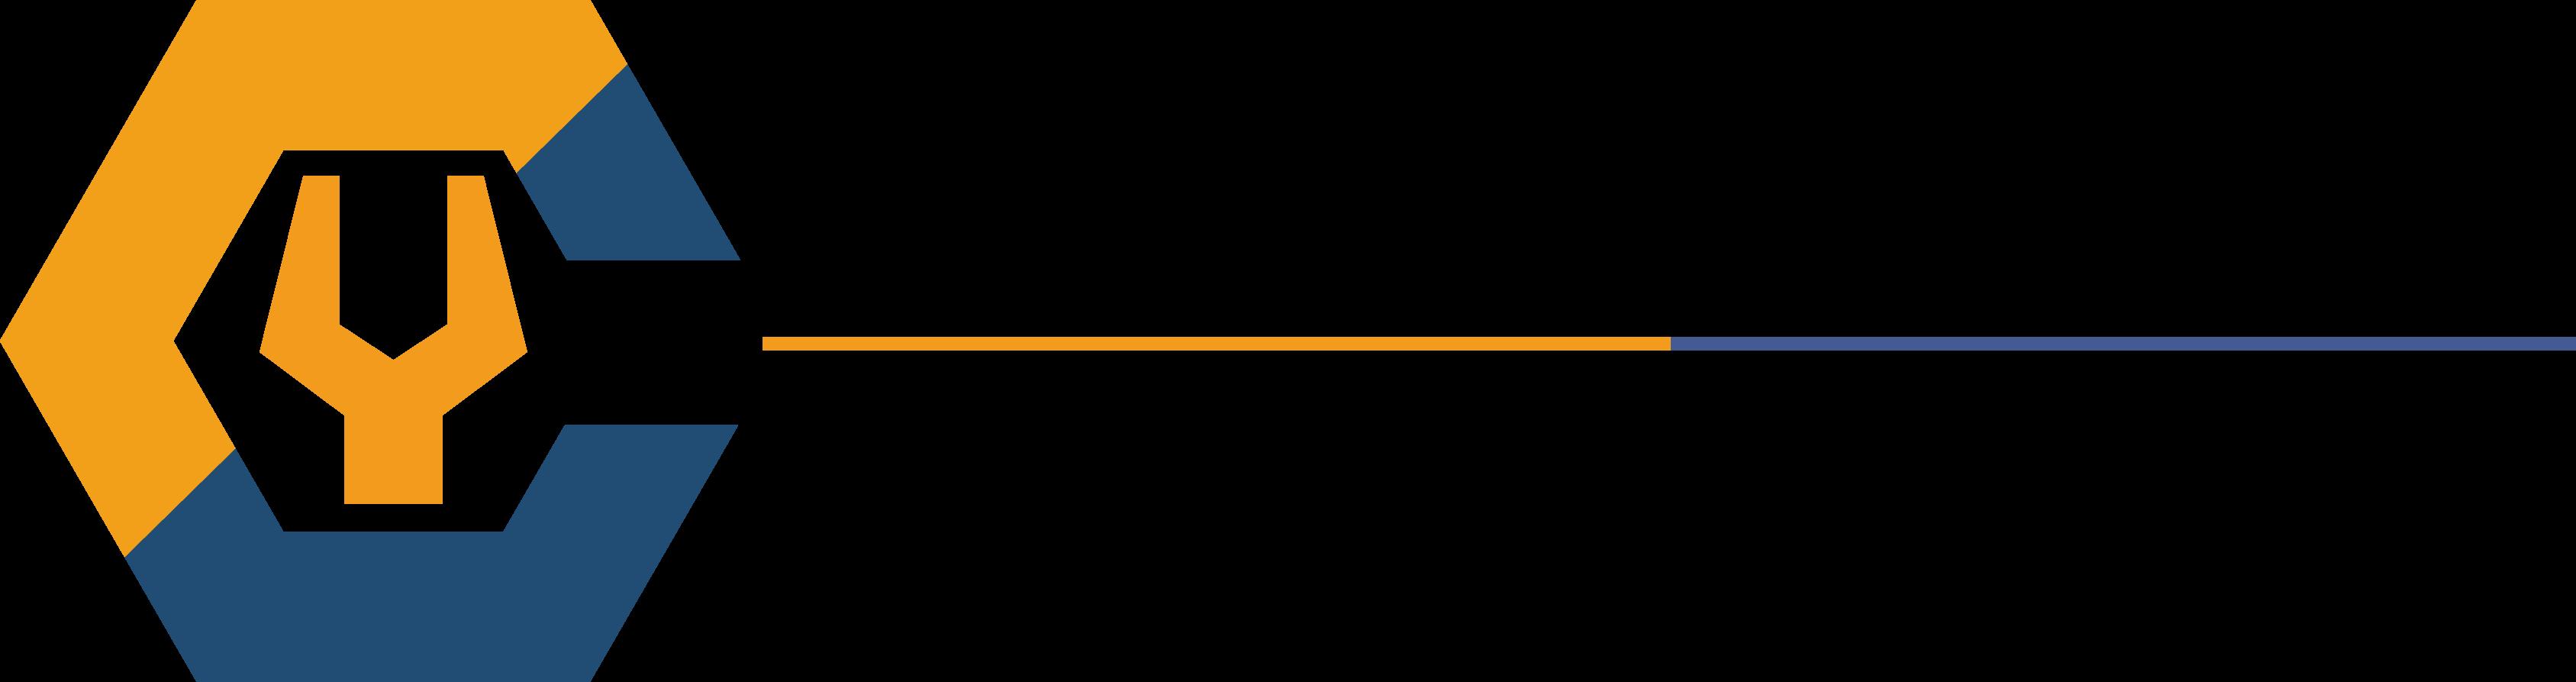 國立雲林科技大學